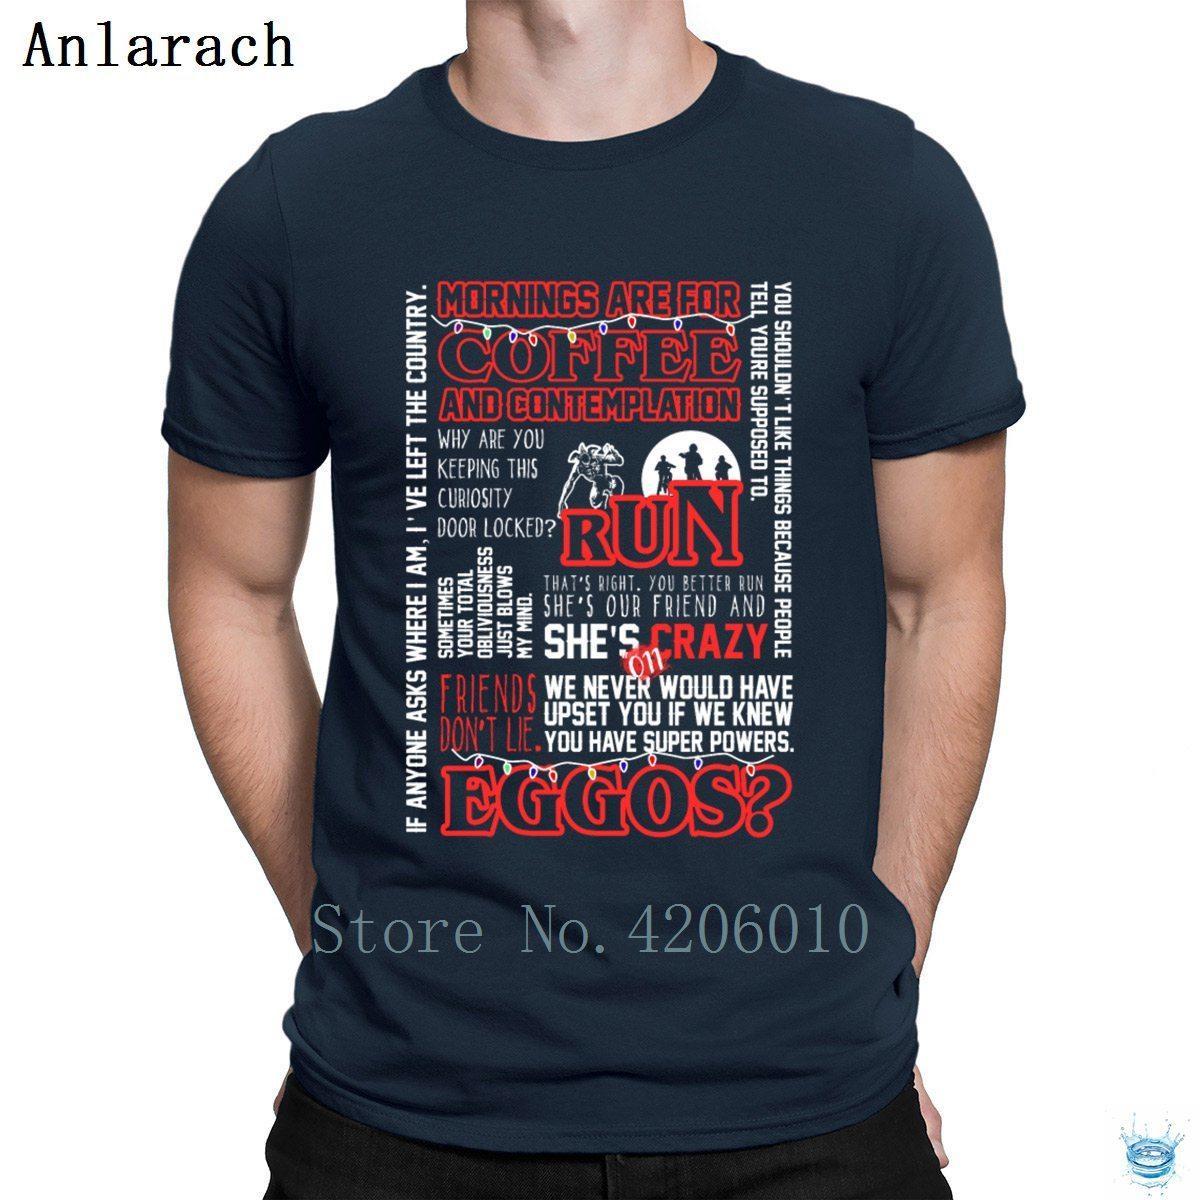 Cosas Compre Novedad Extrañas Personalizar Camisetas Mejores Citas zqqxvd